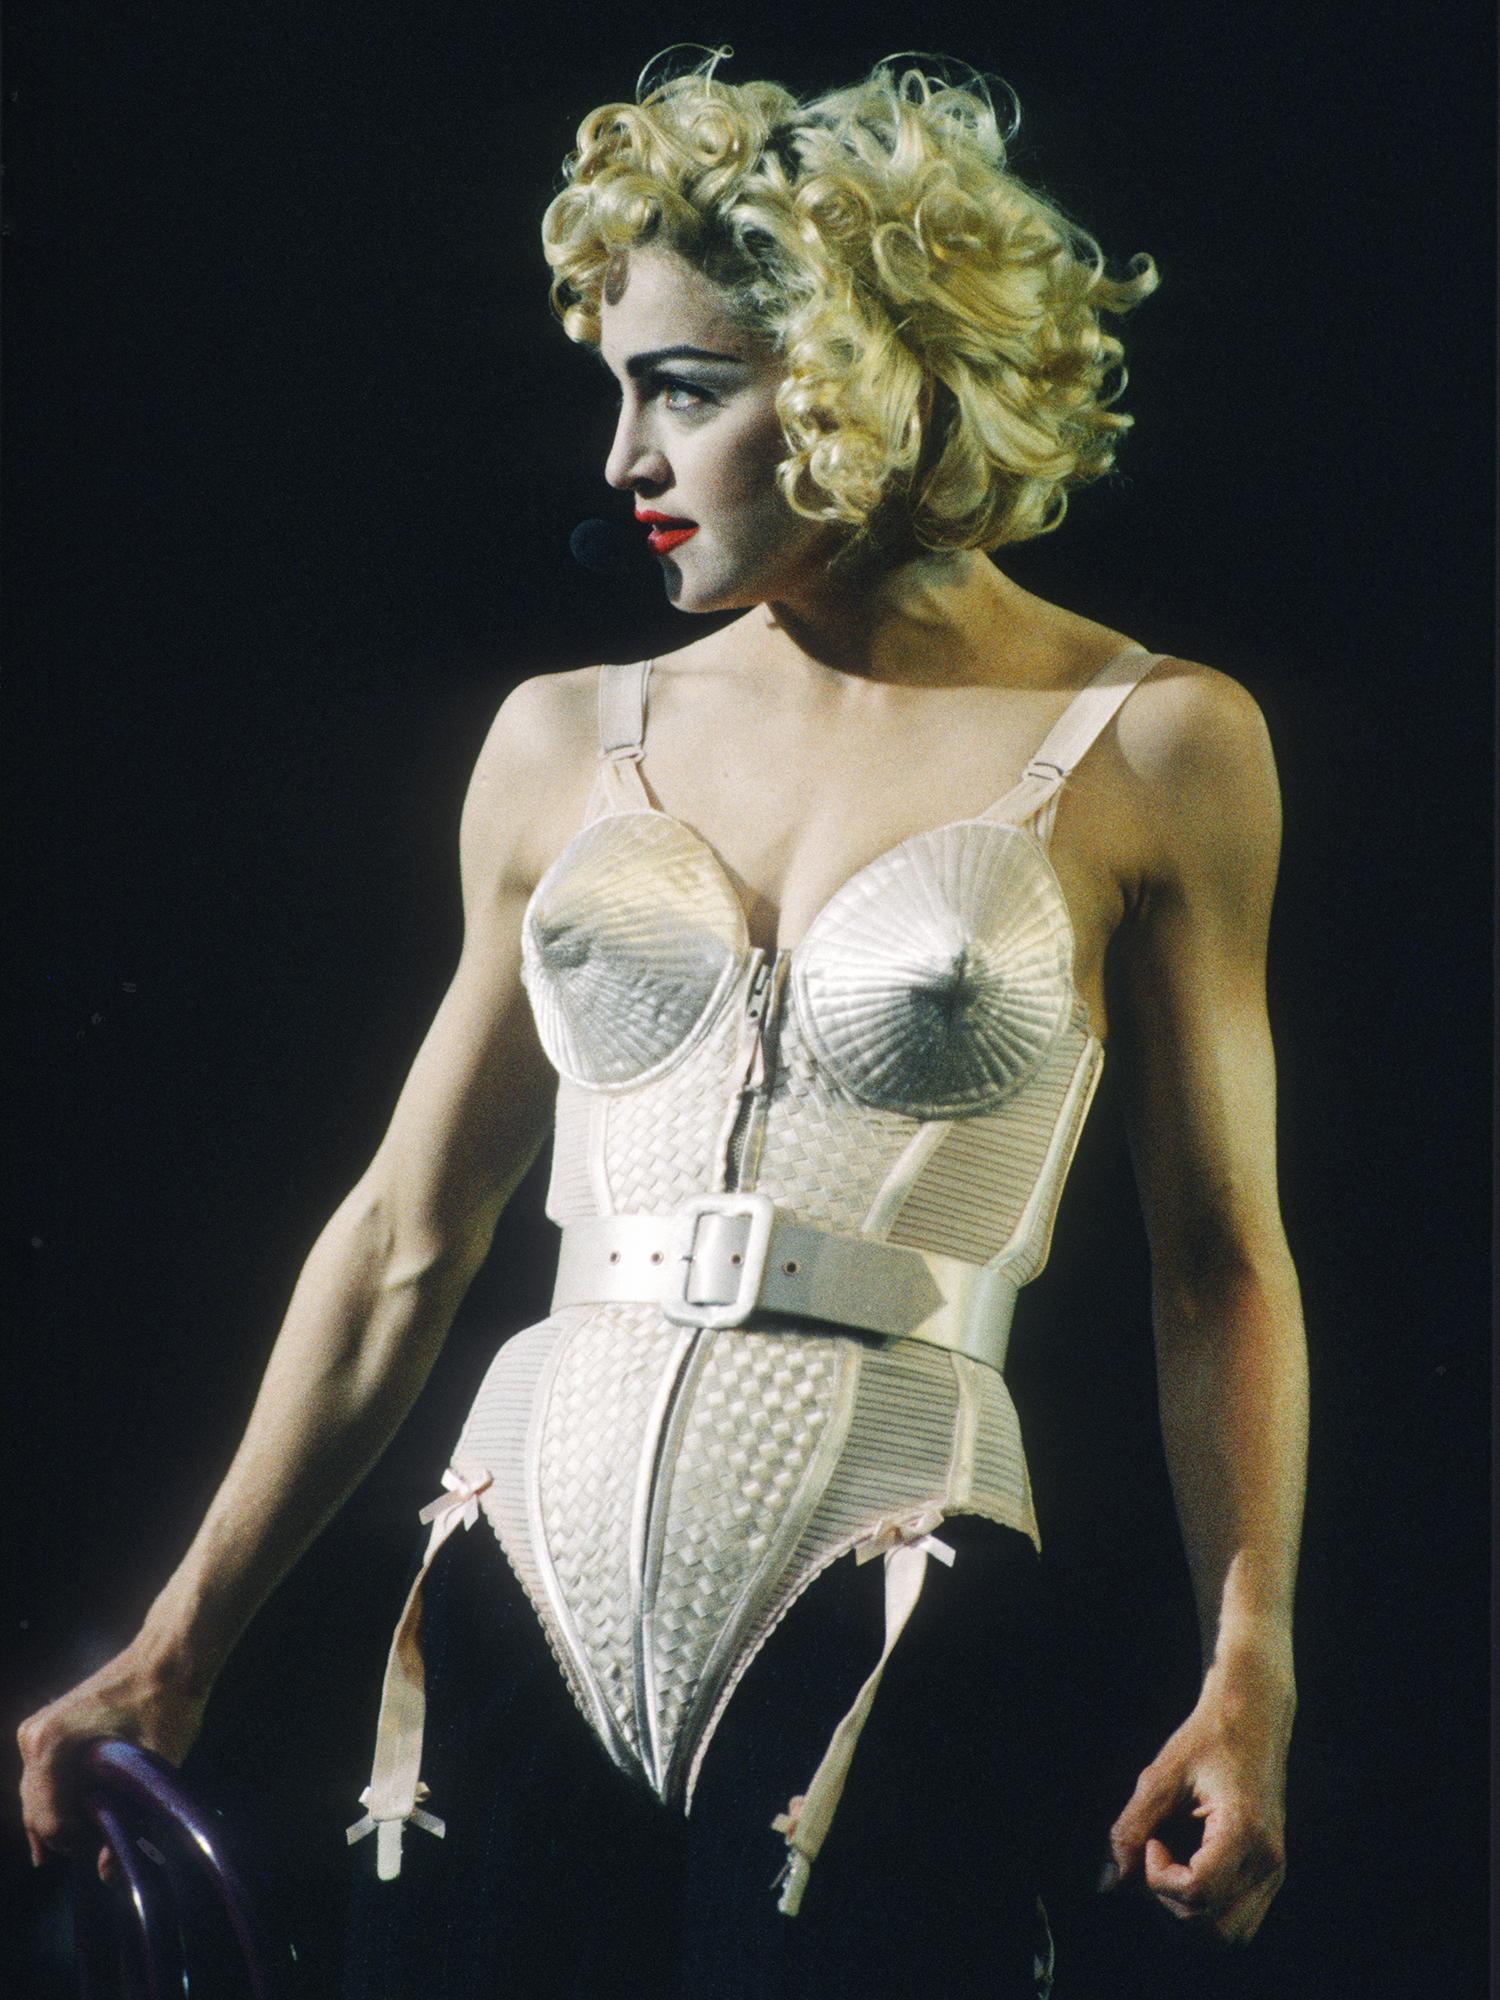 A cantora Madonna realiza apresentação no Estádio De Kuip, em Roterdã, Holanda - 24/07/1990